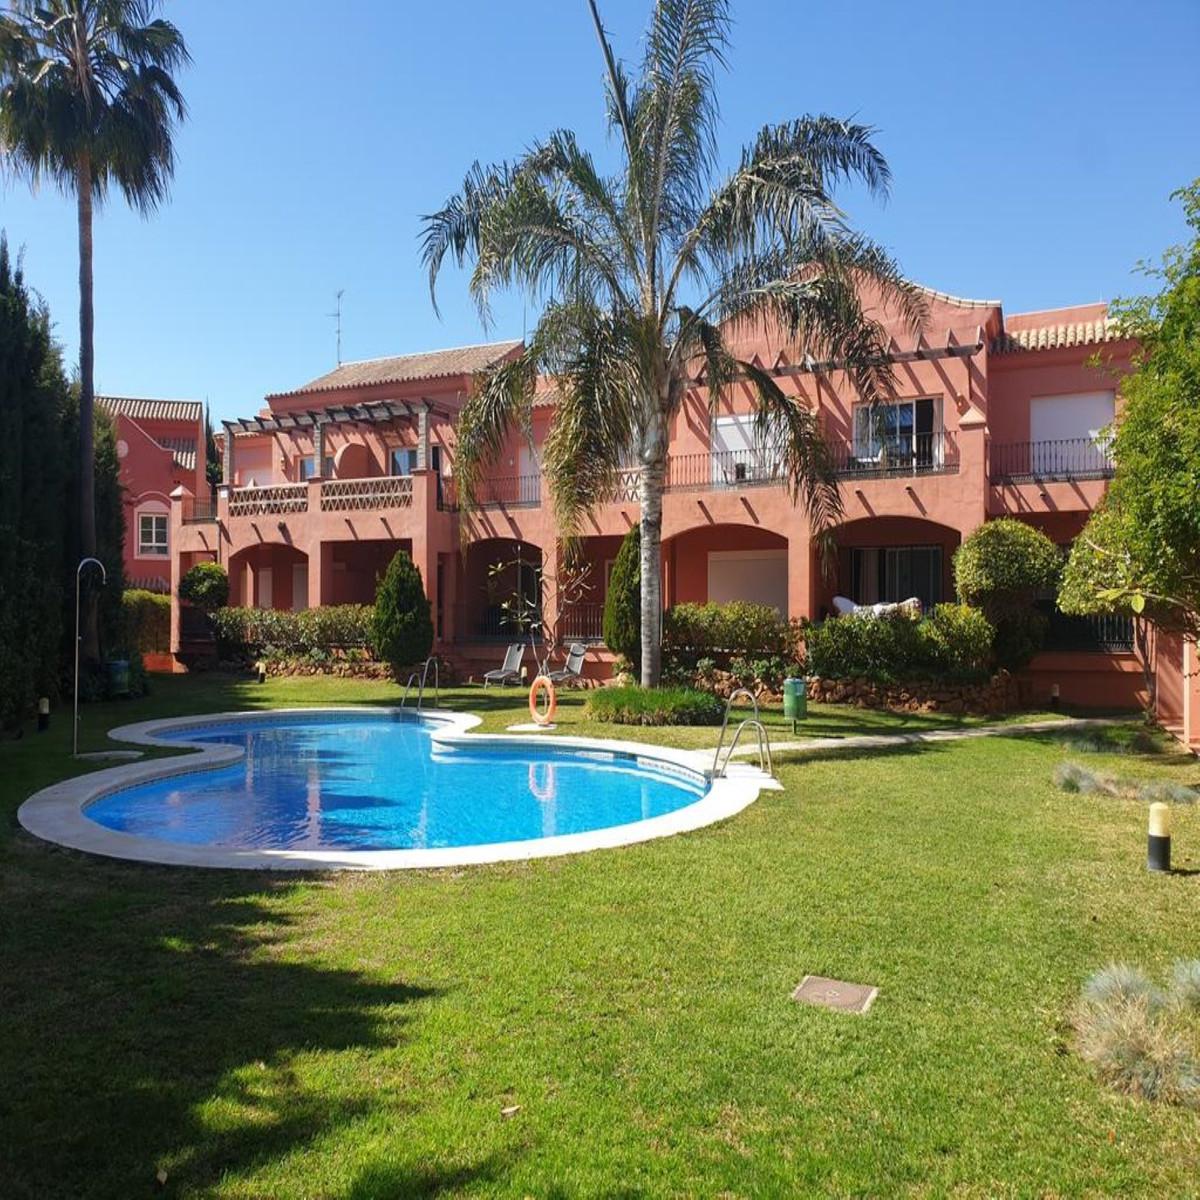 Appartement  Penthouse en location  à Marbella